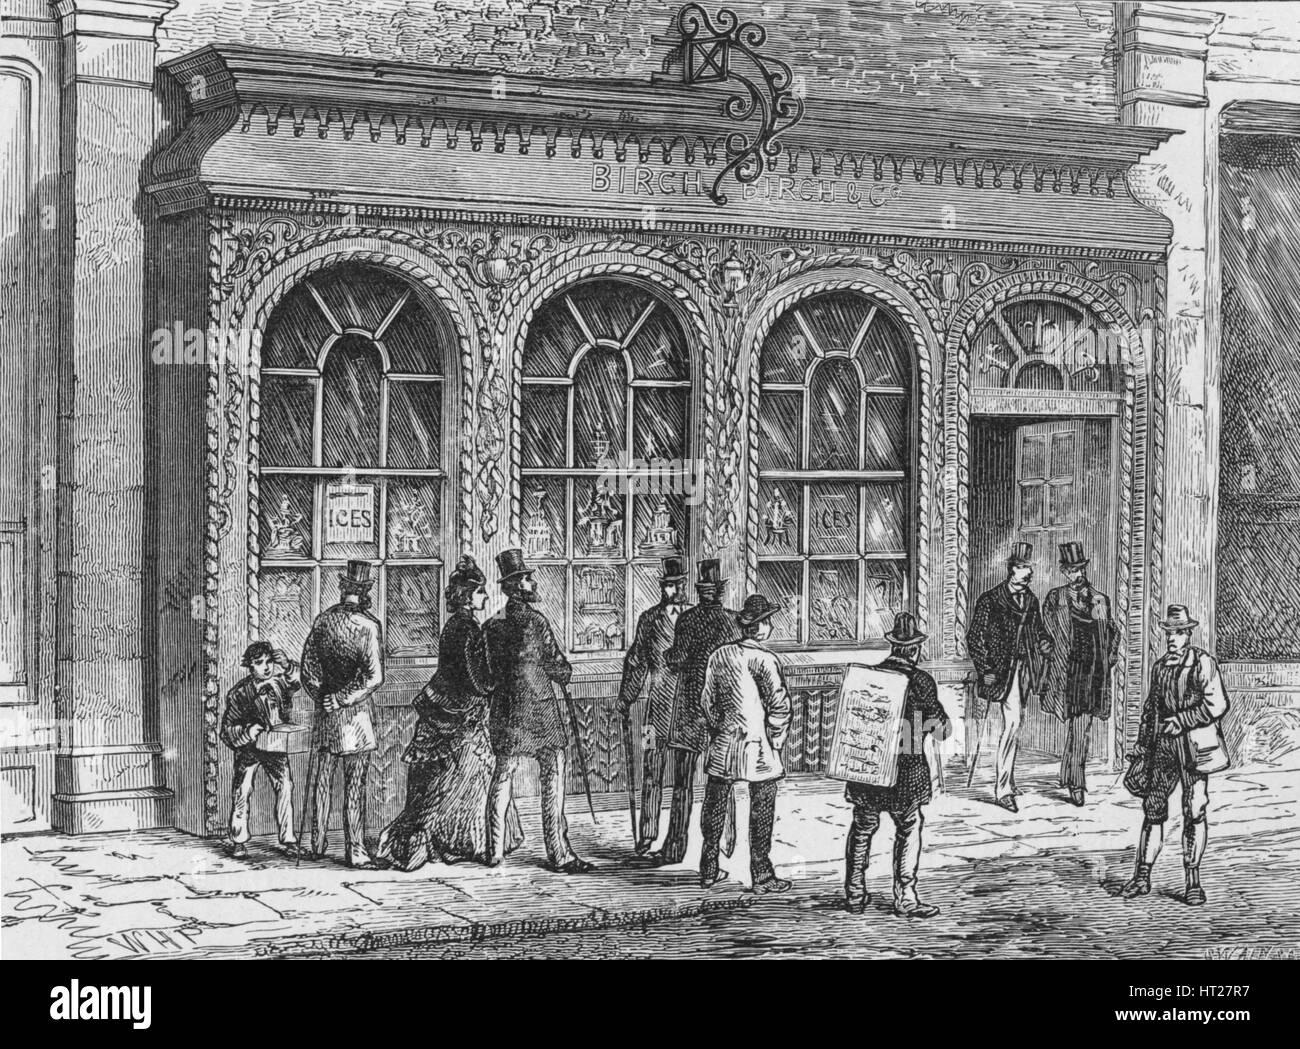 Birch's confectionery shop, Cornhill, City of London, 19th